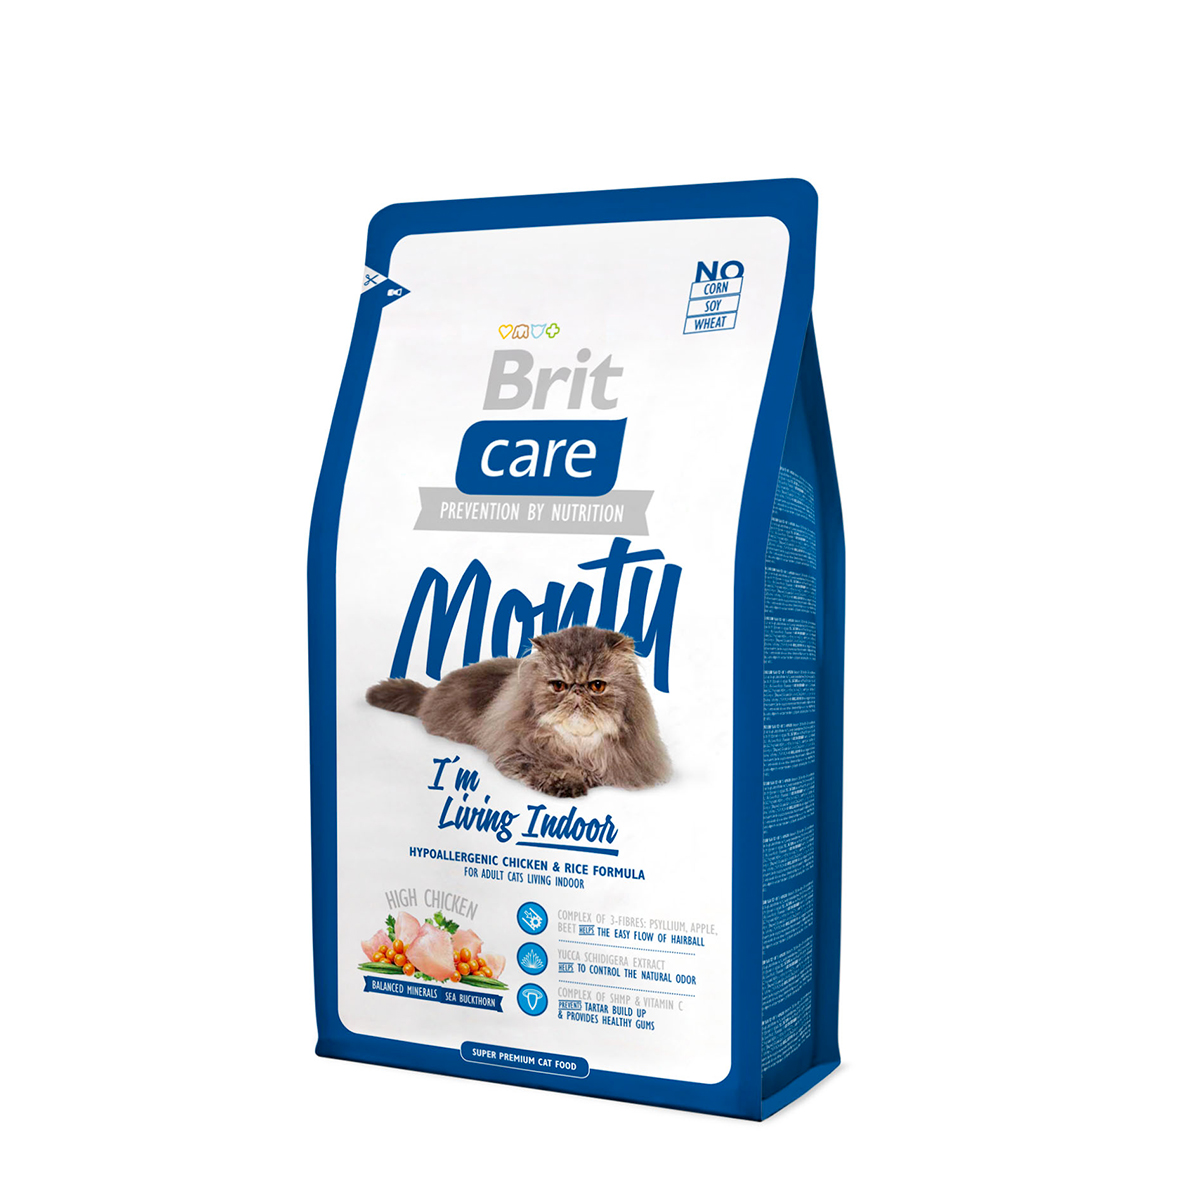 Корм сухой Brit Care Monty Indoor для взрослых кошек, живущих в помещении, с курицей и рисом, 7 кг8595602505692Гипоаллергенный сухой корм Brit Care Monty Indoor - это полностью сбалансированное питание, изготовленное из высококачественных ингредиентов и содержащее все необходимые нутриенты для поддержания здоровья, красоты и жизненного тонуса вашего питомца. Корм поможет обеспечить вашу кошку всеми питательными веществами, витаминами и минералами, обладая при этом отличным вкусом. Идеален в качестве диеты для кошек, постоянно живущих в помещении.Преимущества:- Высокое содержание мяса;- Сбалансированный минеральный состав;- Содержит 3 вида волокон: подорожник, свекла, яблоко - для быстрого и безопасного вывода комочков шерсти из желудка;- Экстракт Юкки Шидигера для контроля запахов экскрементов; - Витамин C и гексаметафосфат натрия предотвращают образование зубного камня. Товар сертифицирован.